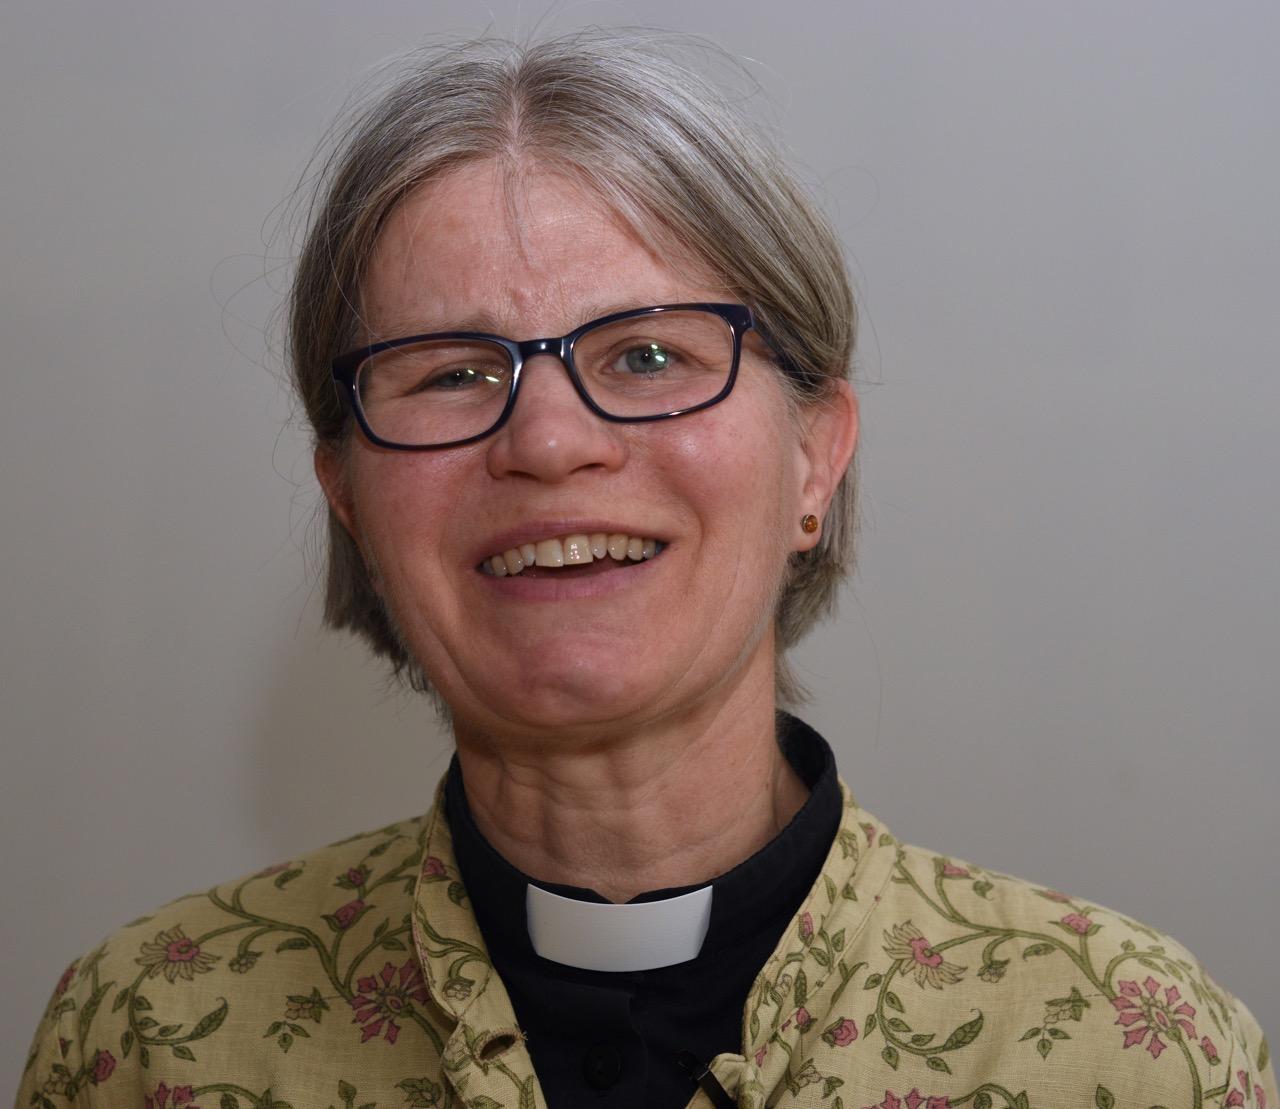 Rev. Fran Rhys